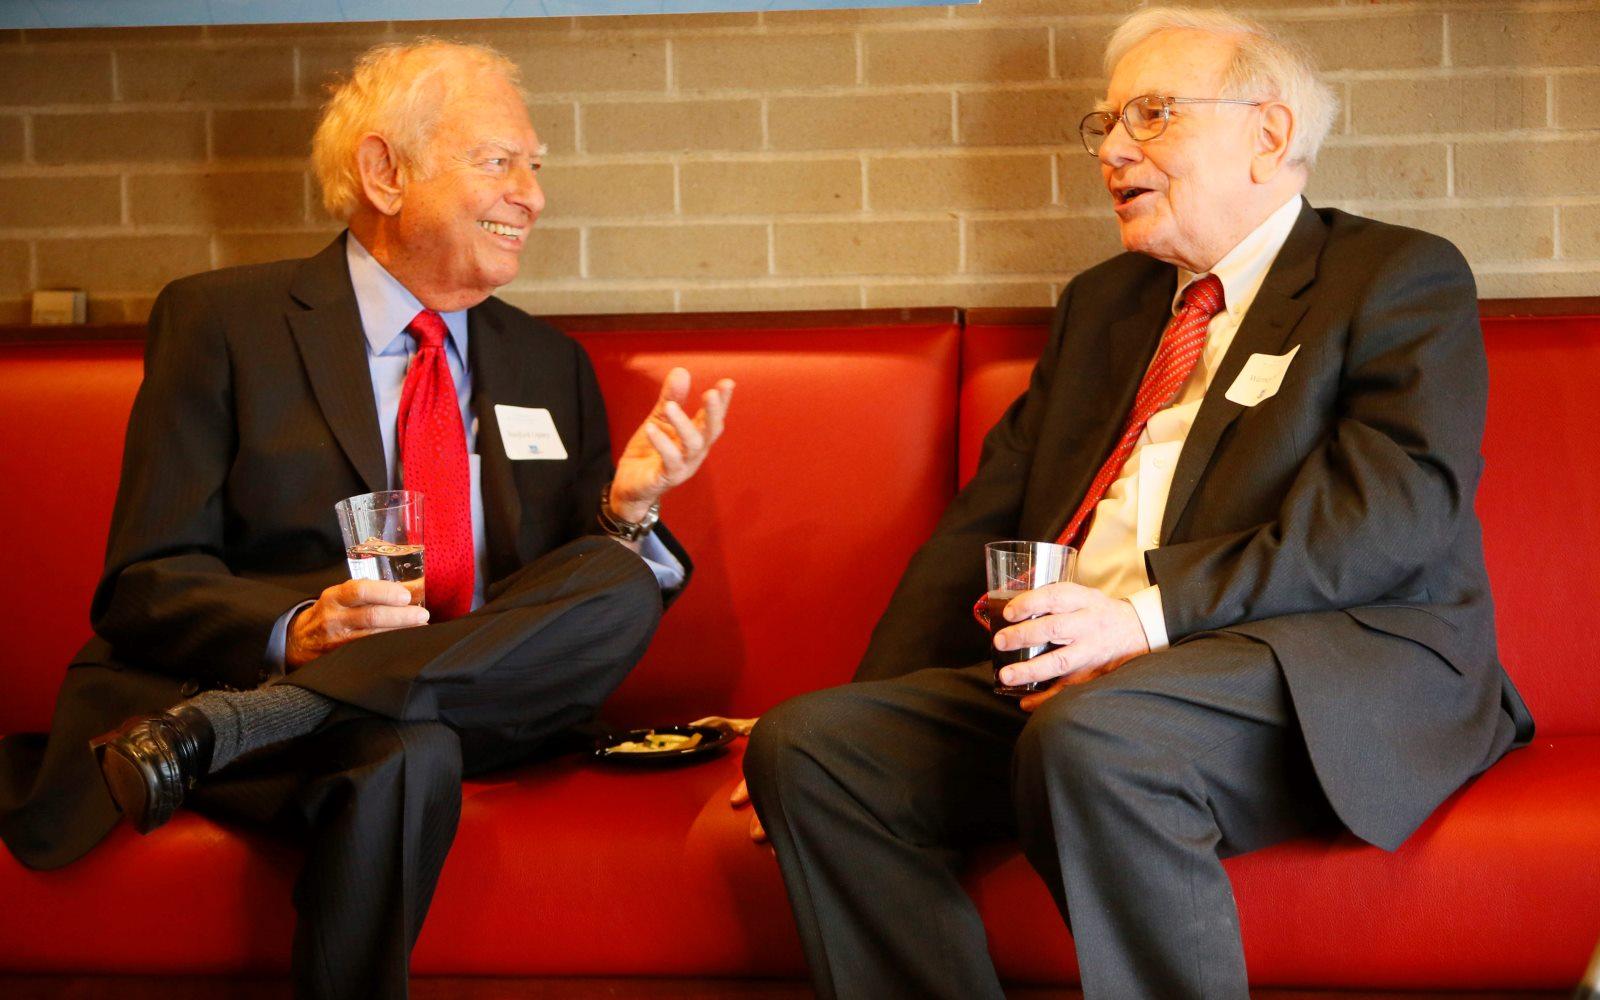 Stan Lipsey, left, and Warren Buffett share a laugh in 2013. (Derek Gee/Buffalo News)